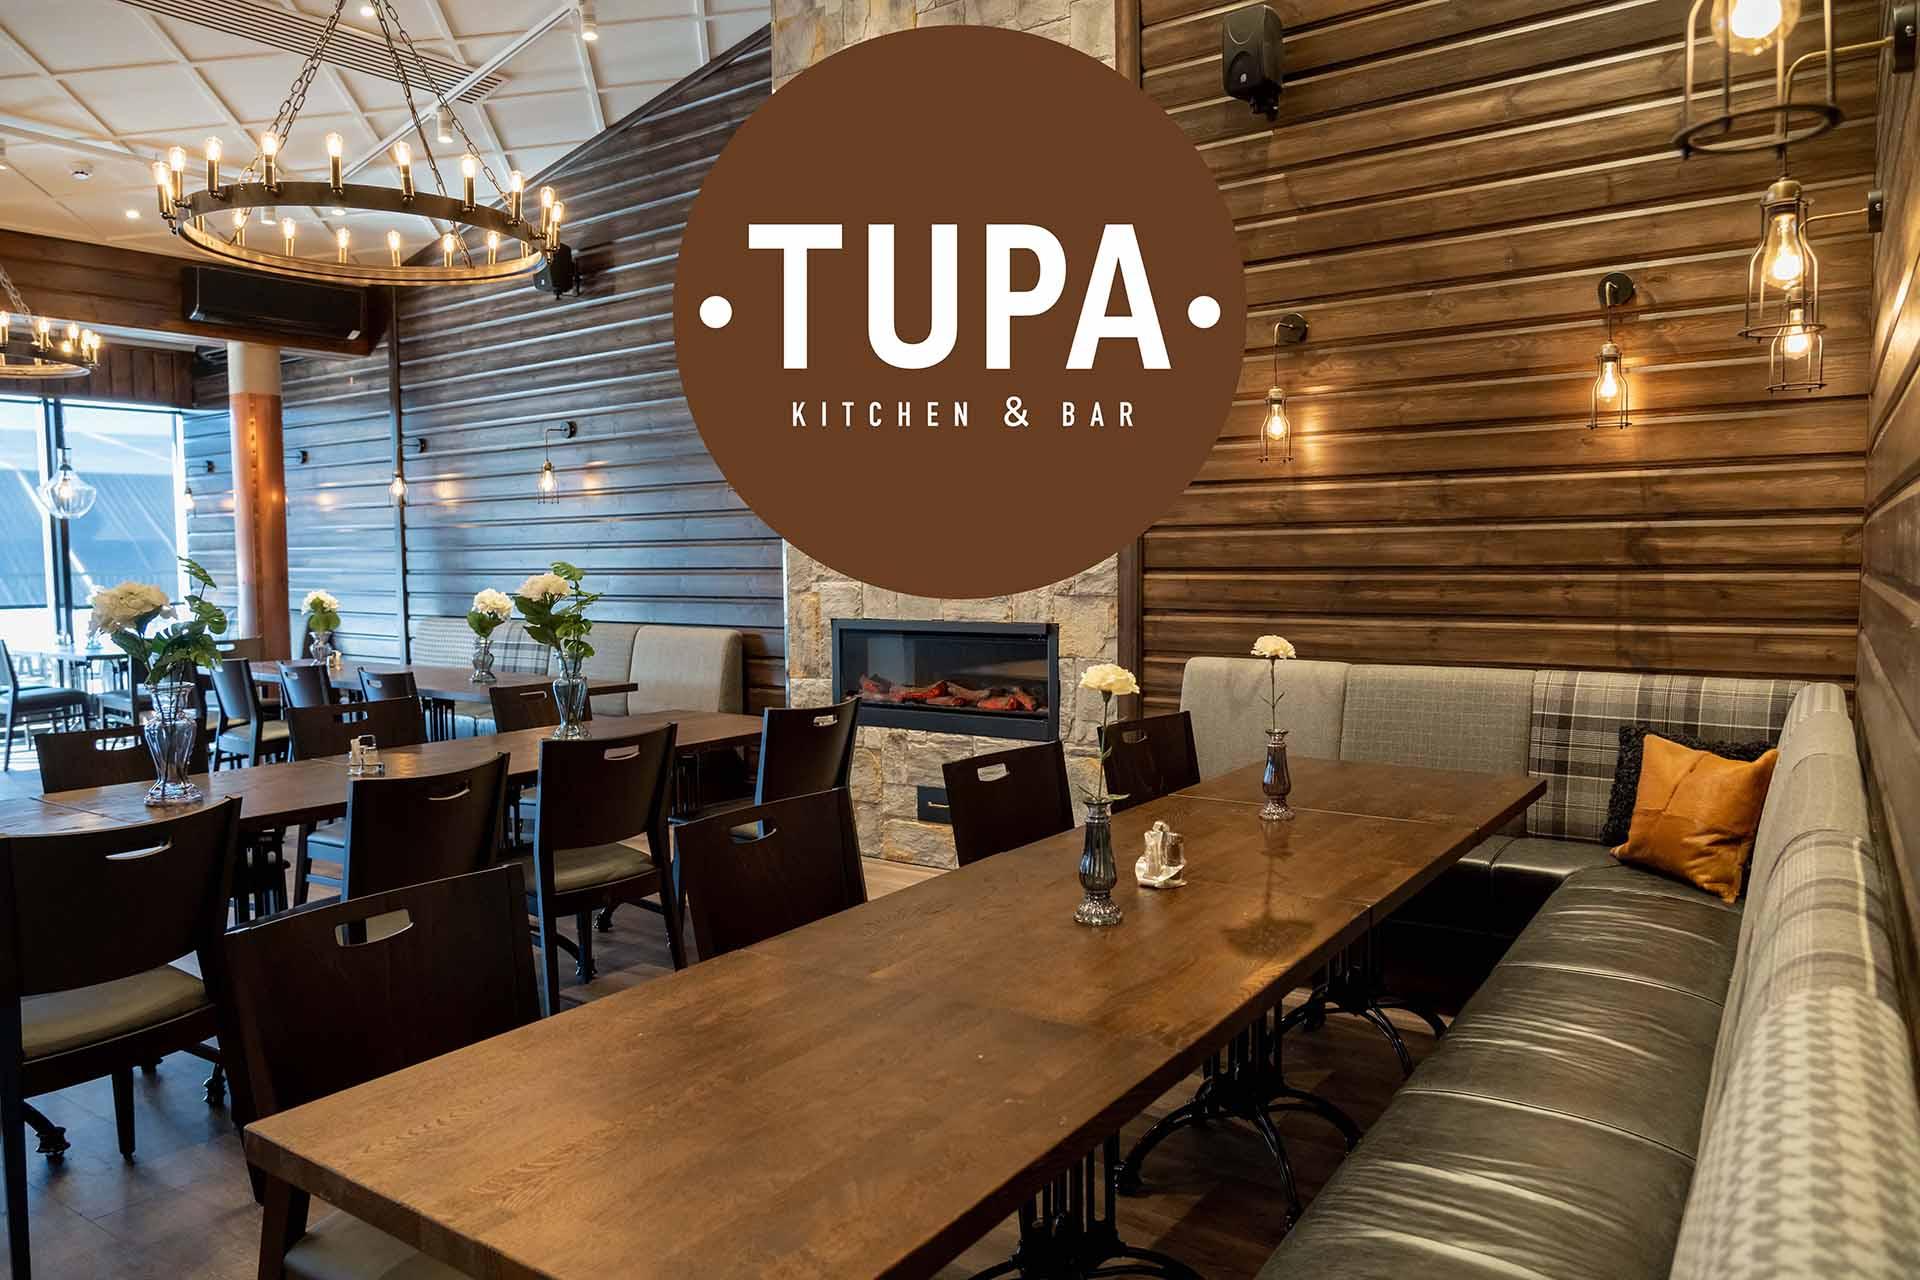 Tupa-kitchenbar